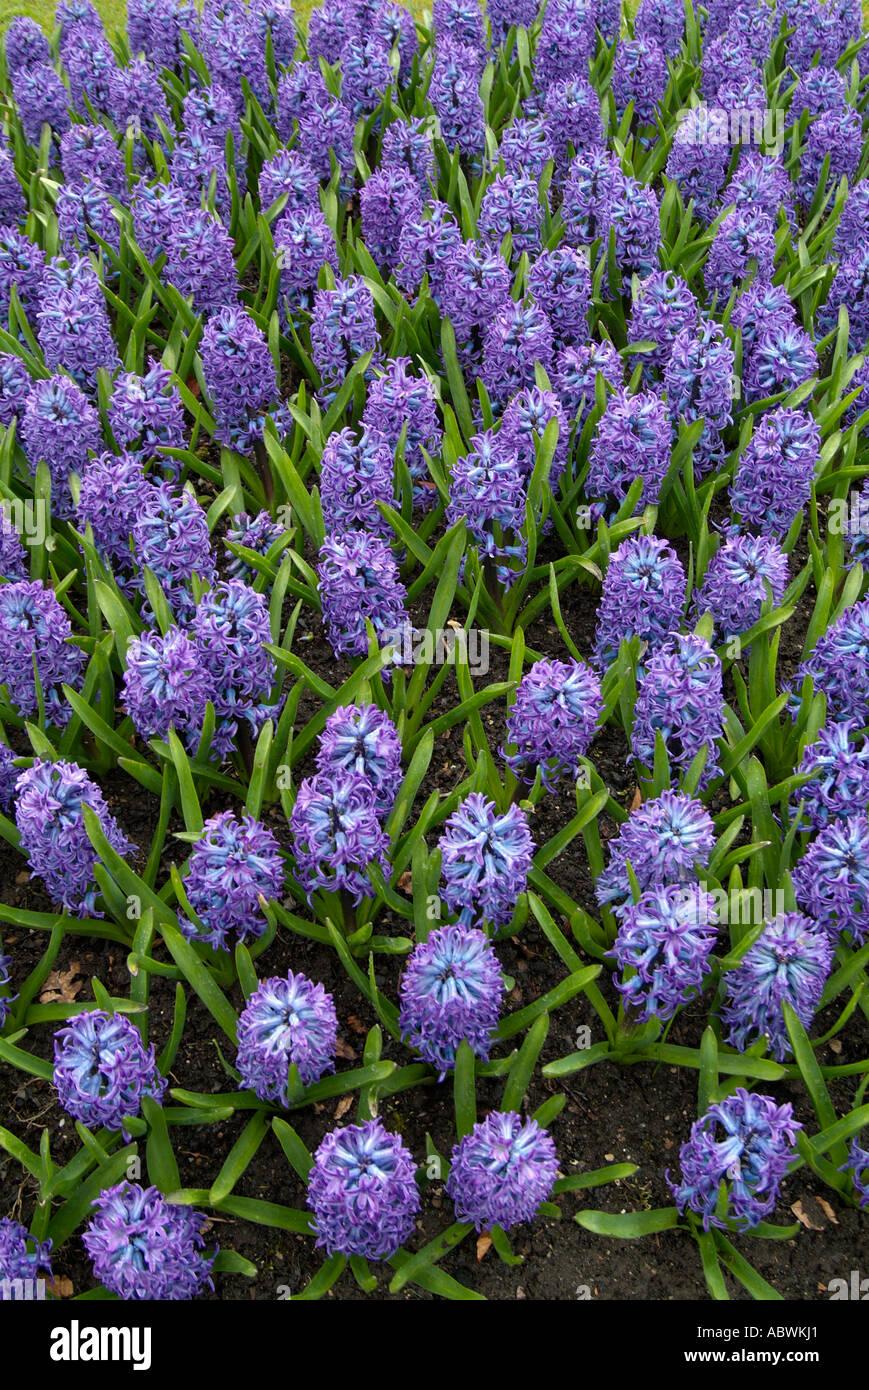 Fleurs feuillage Jacinthe fleur ressort tête lilas pourpre bleu groupe précoce de grande masse close up emblématique pittoresque paysage Banque D'Images